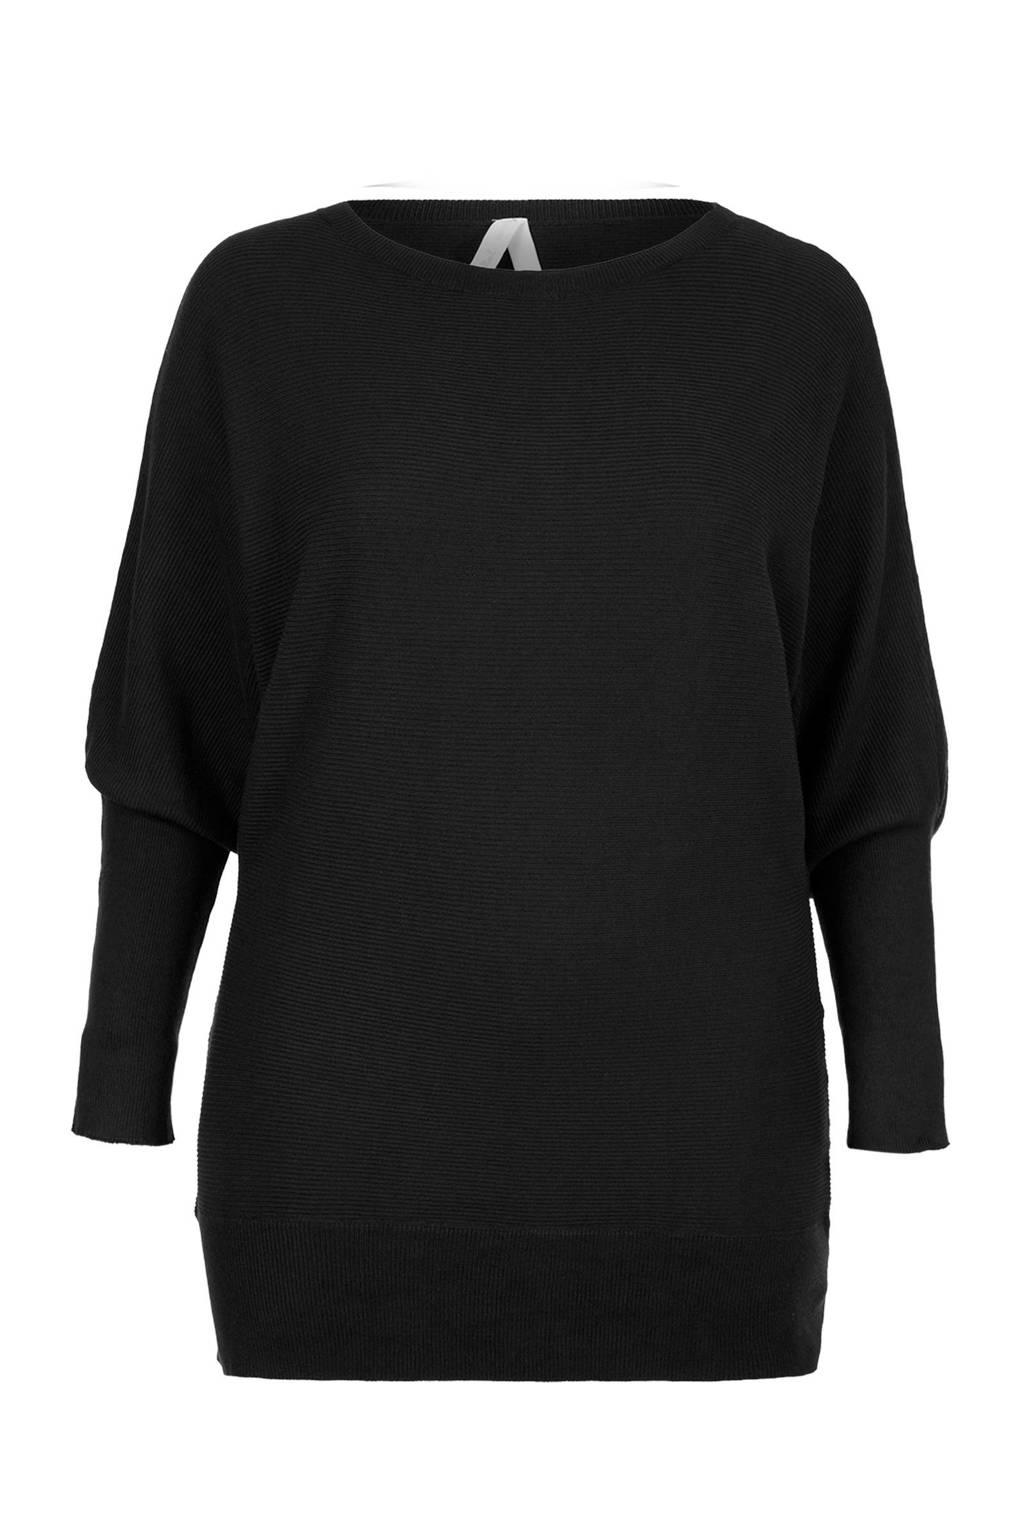 Miss Etam Plus ribgebreide trui zwart, Zwart